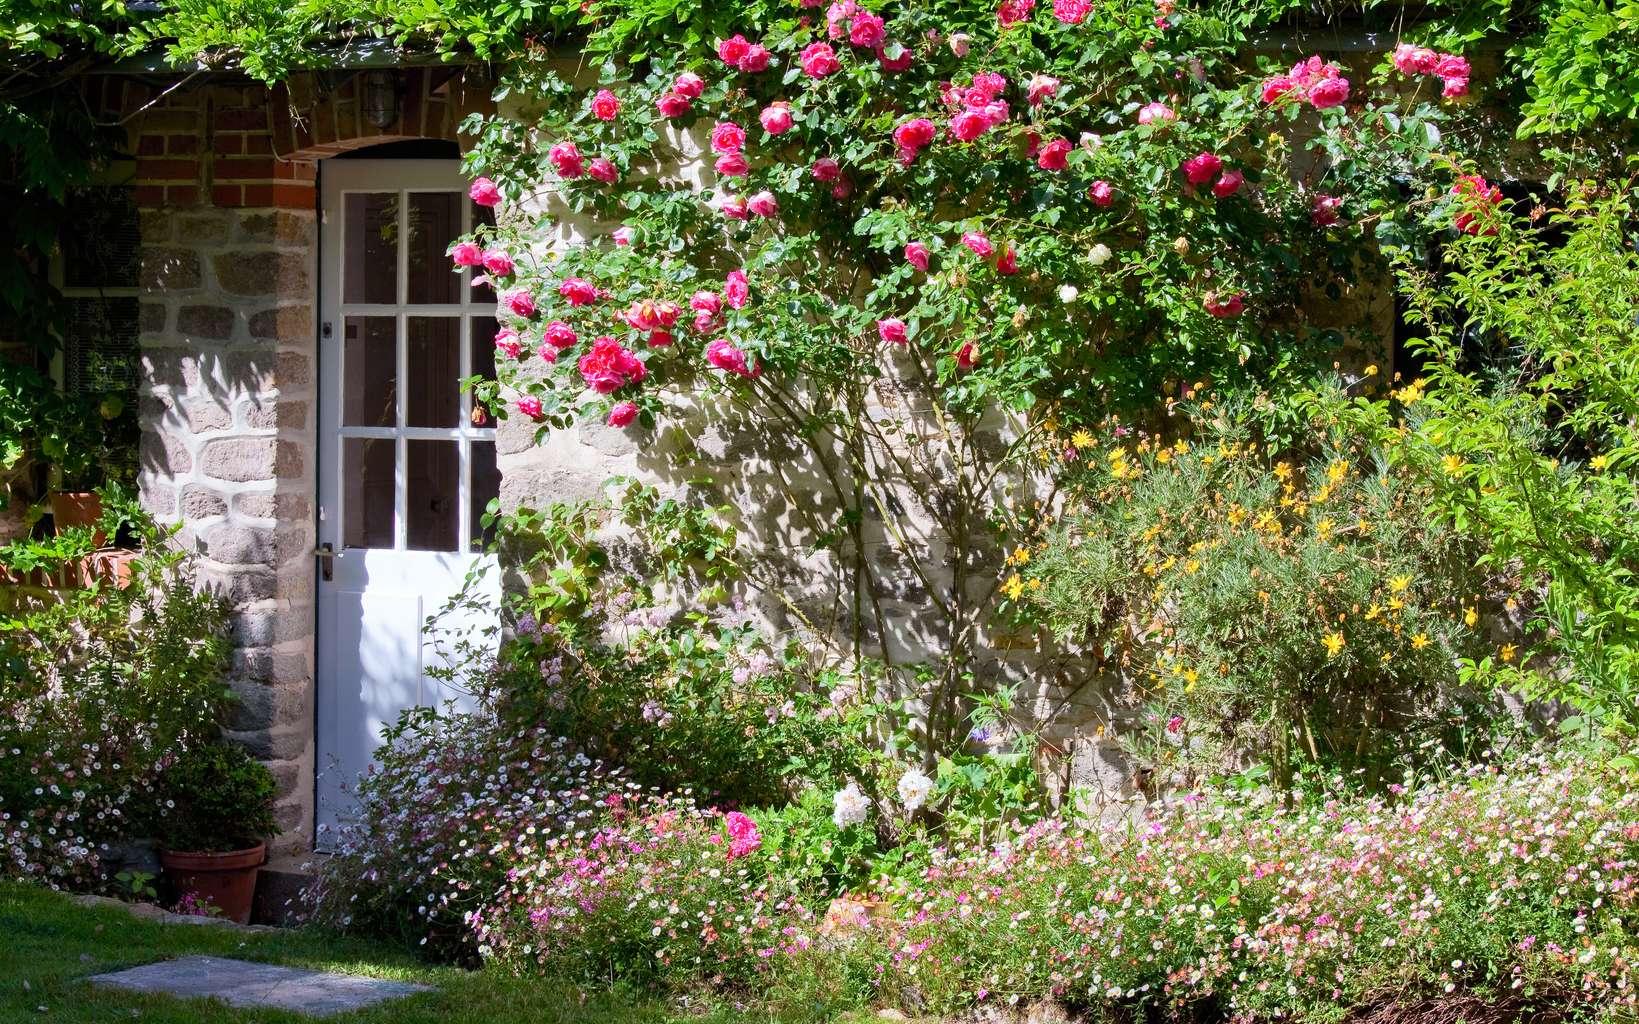 Des plantes pourraient construire des maisons. © Thierry Ryo, Fotolia